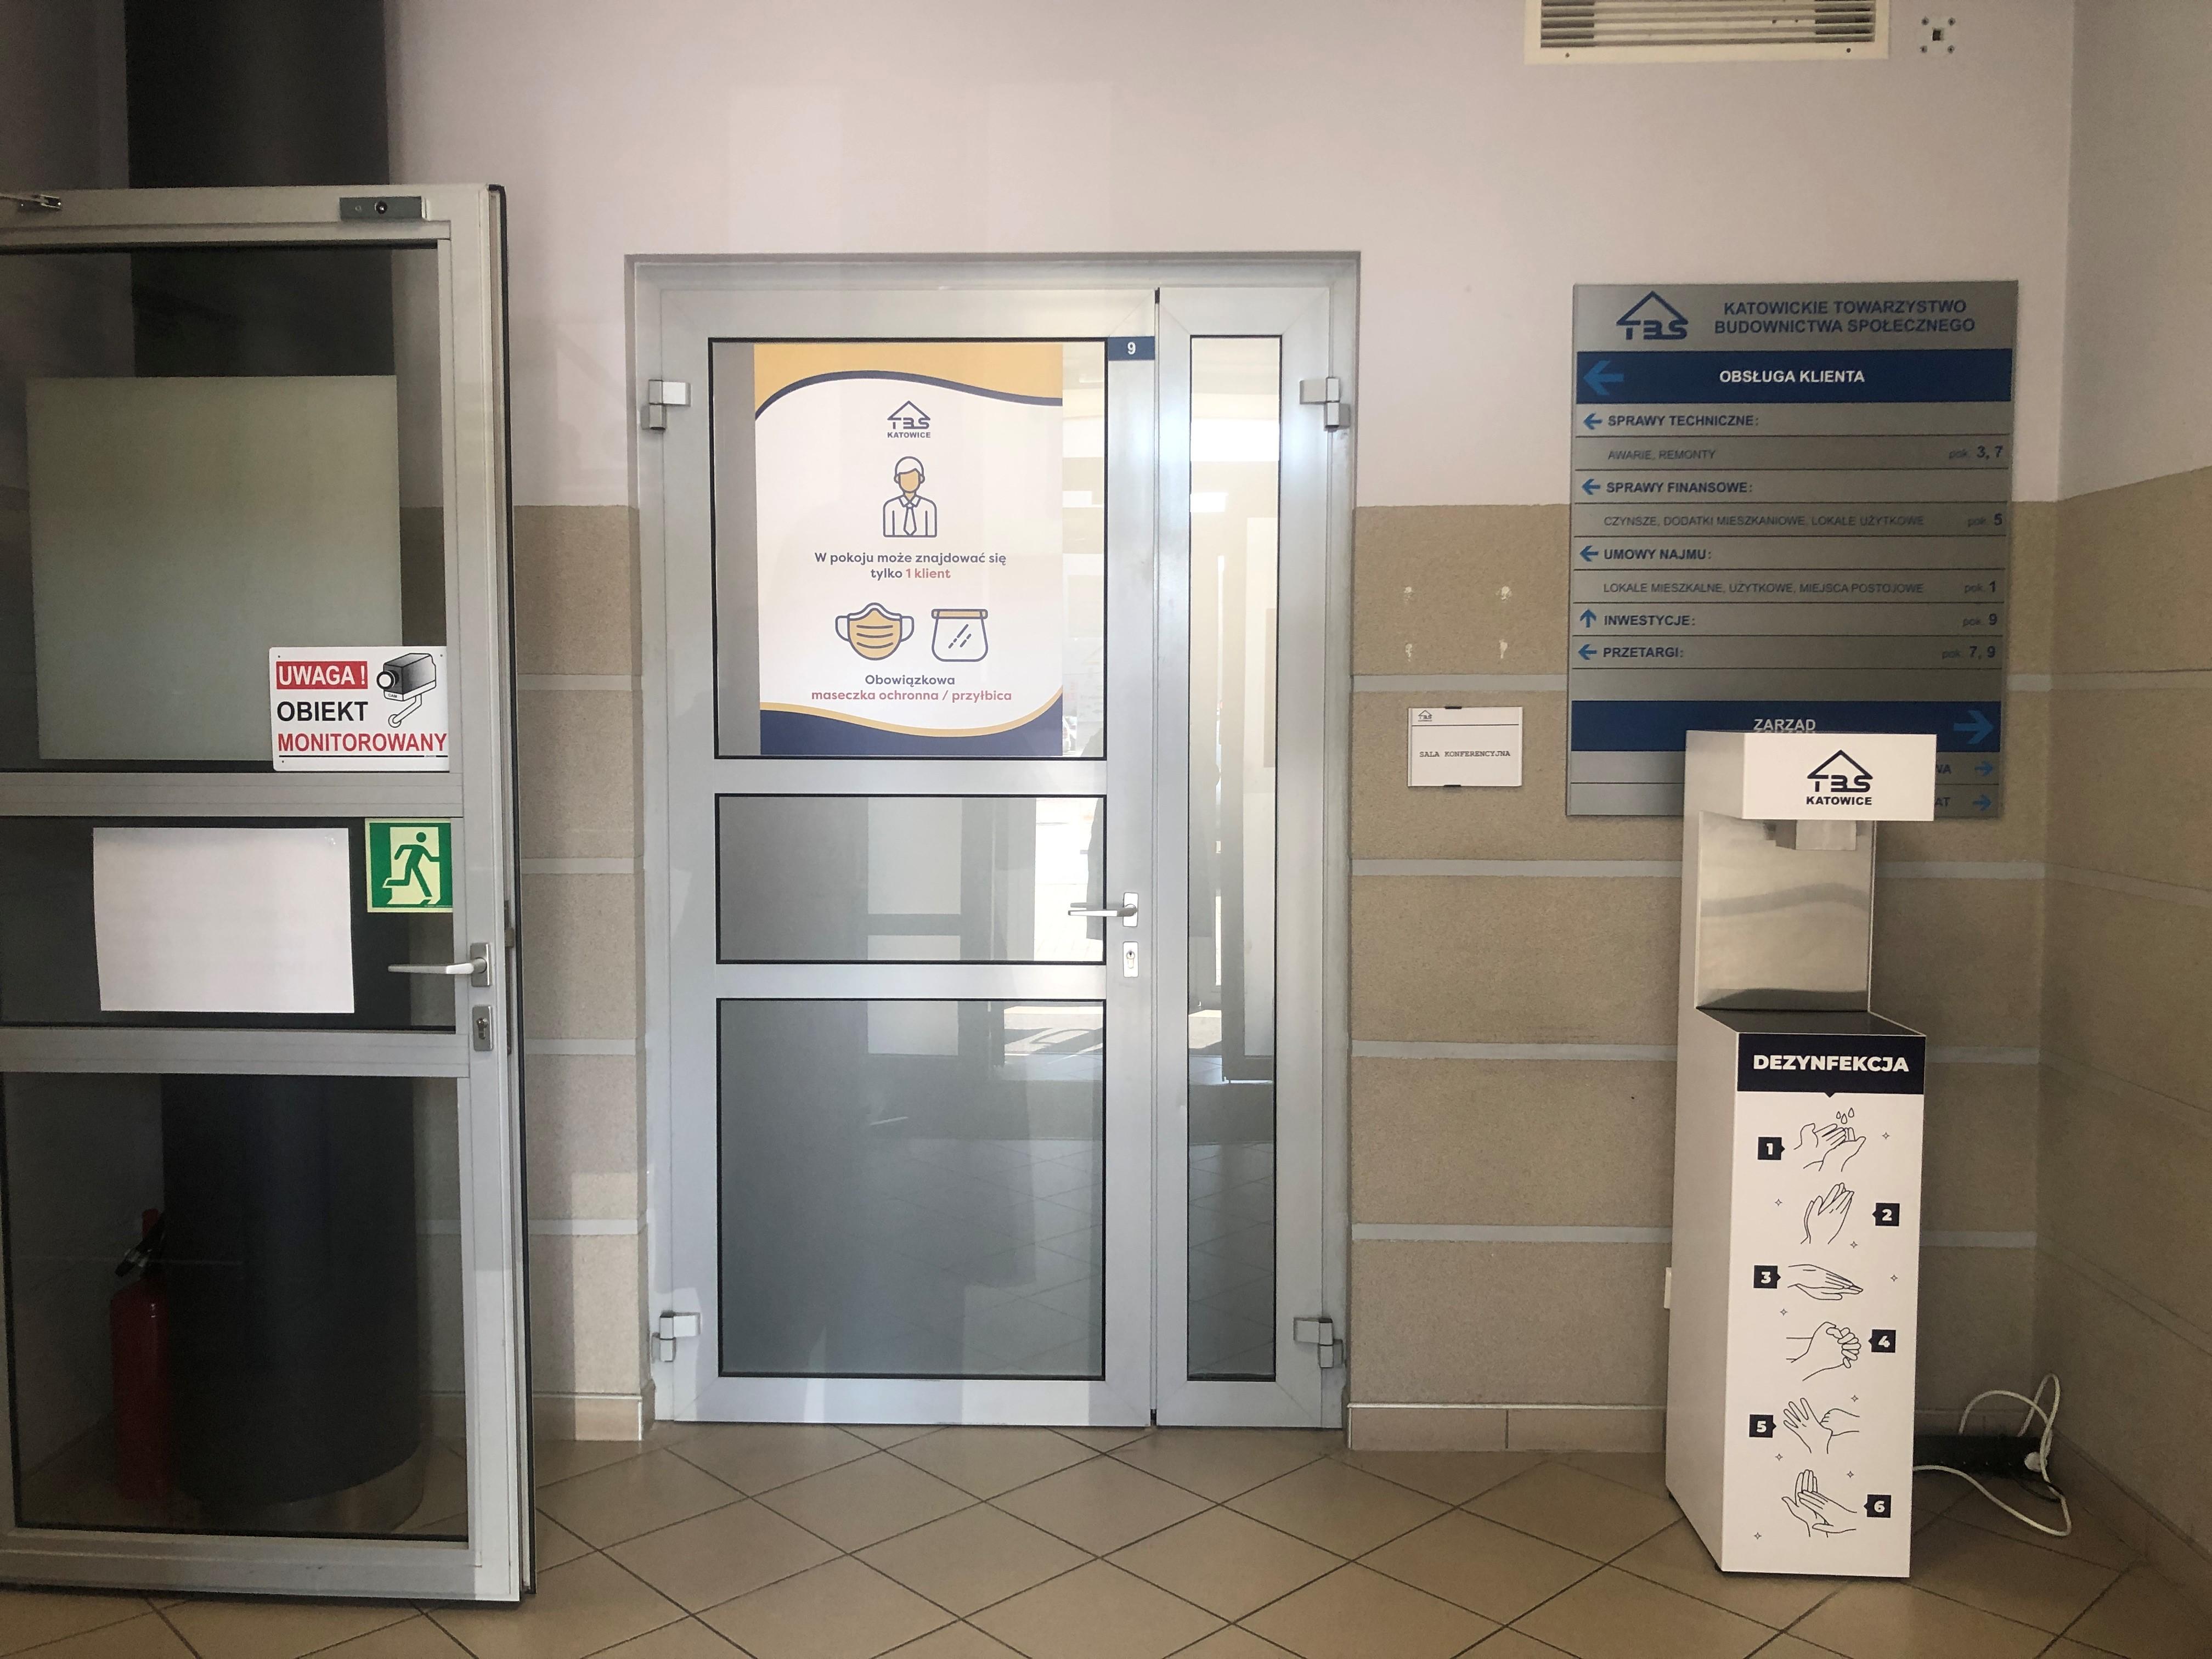 Drzwi wewnątrz budynku